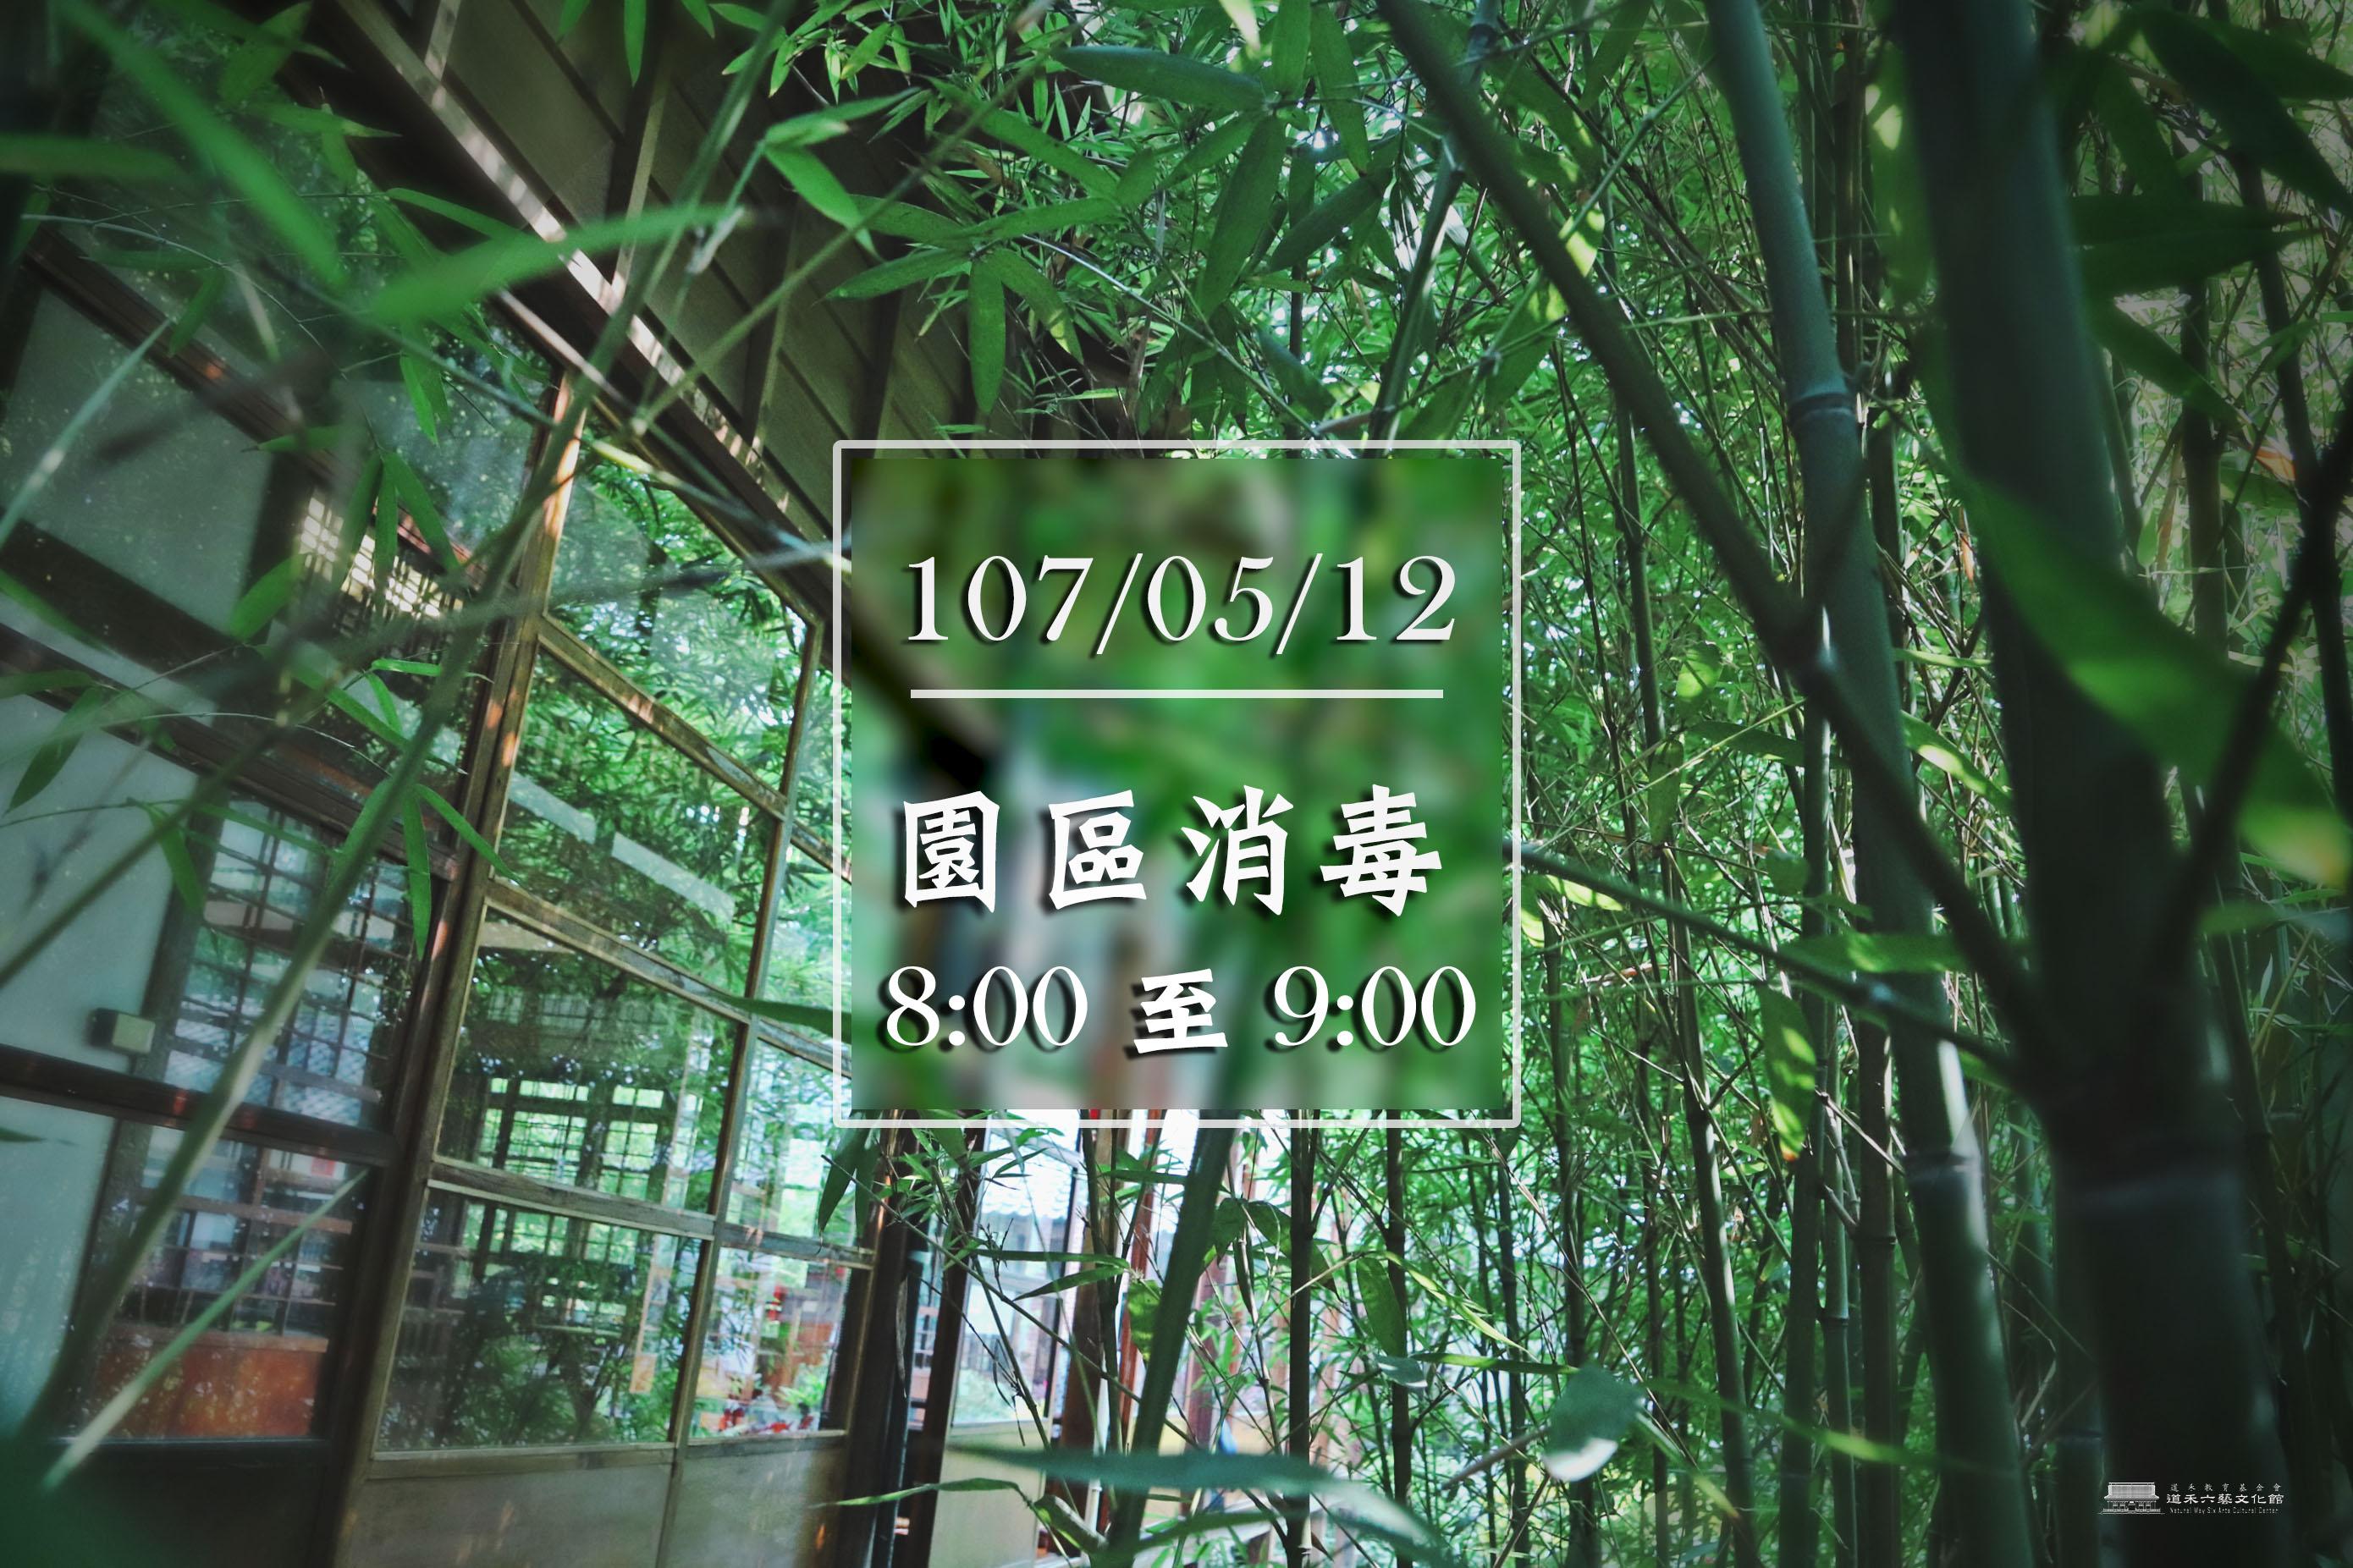 【公告】05/12(六)園區戶外環境登革熱防治作業